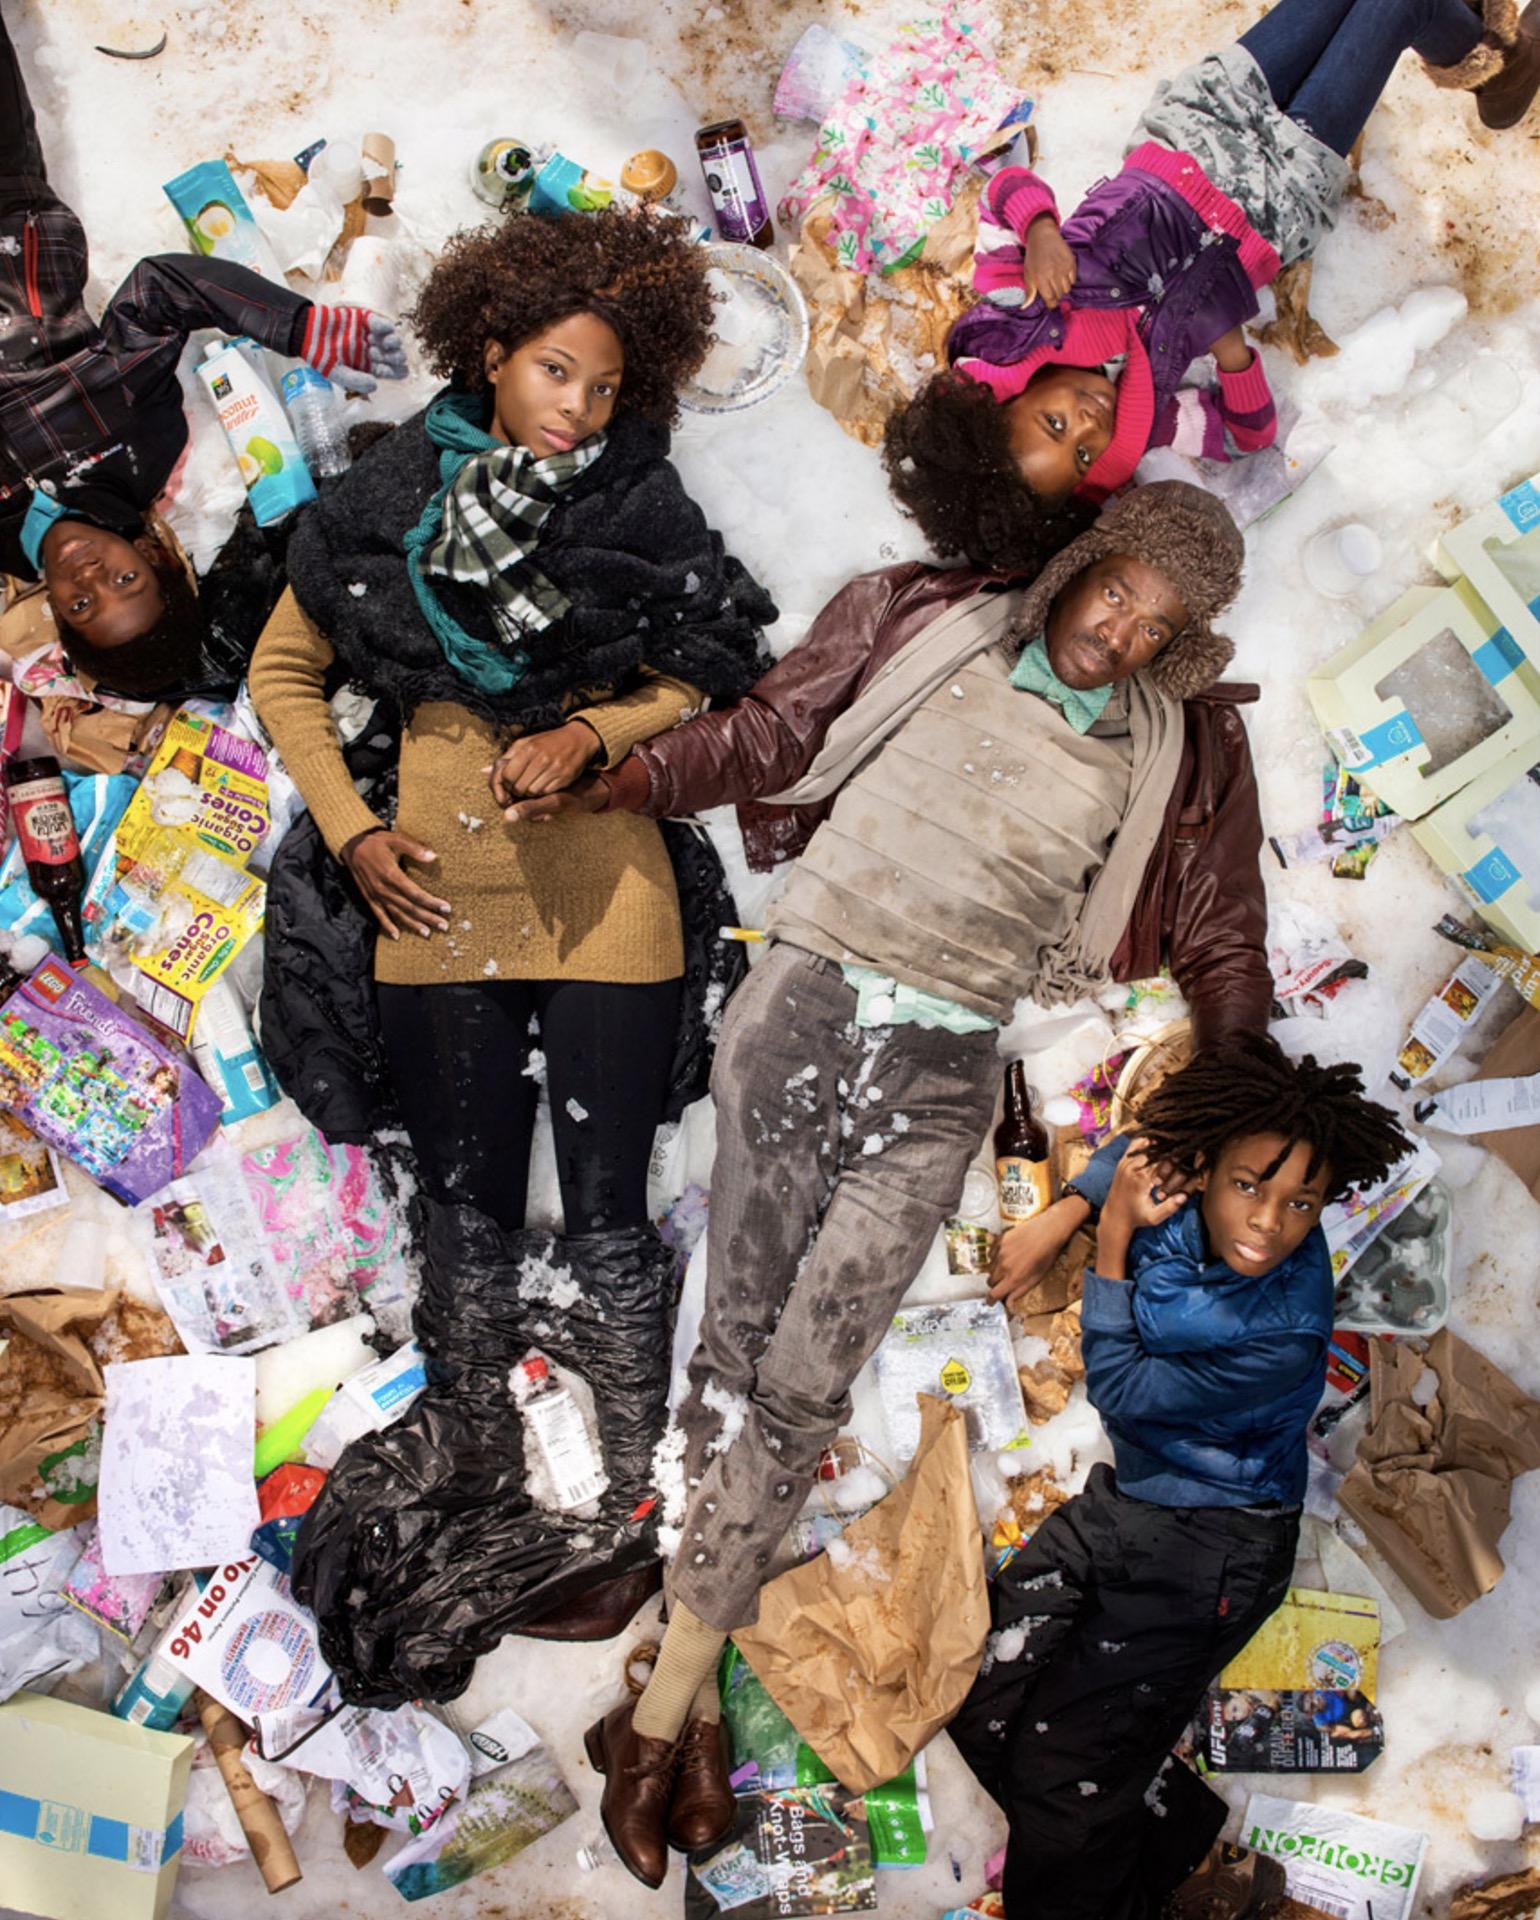 7 Days Of Garbage_Gregg Segal_organiconcrete_16